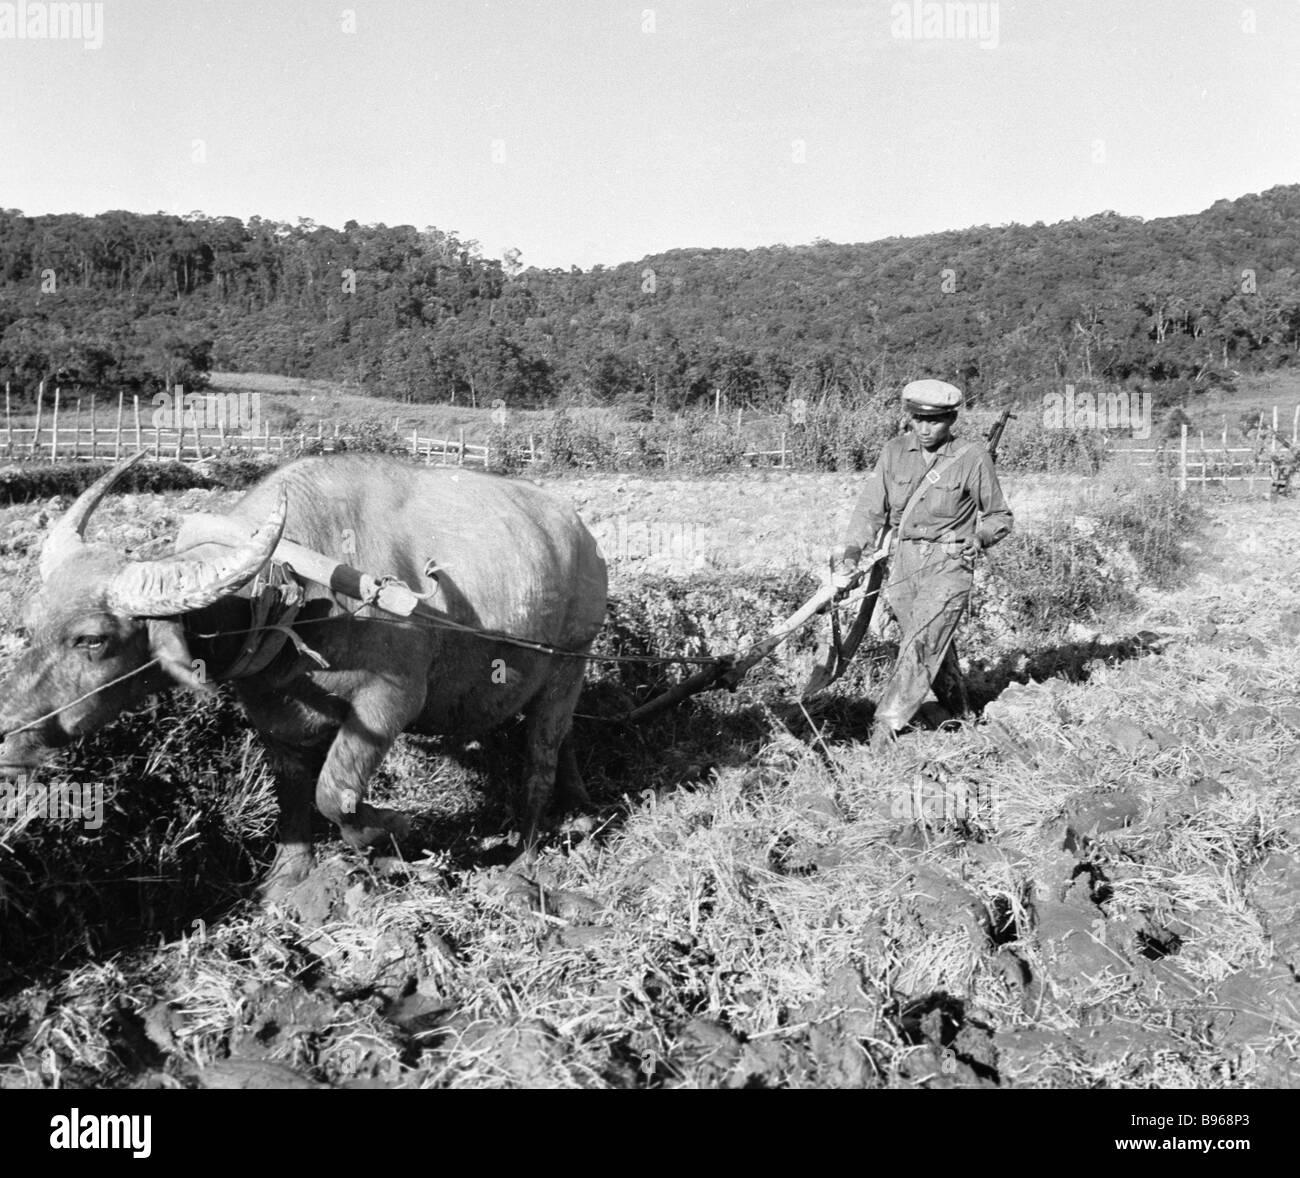 Armado de un agricultor trabaja en el campo de arroz Imagen De Stock